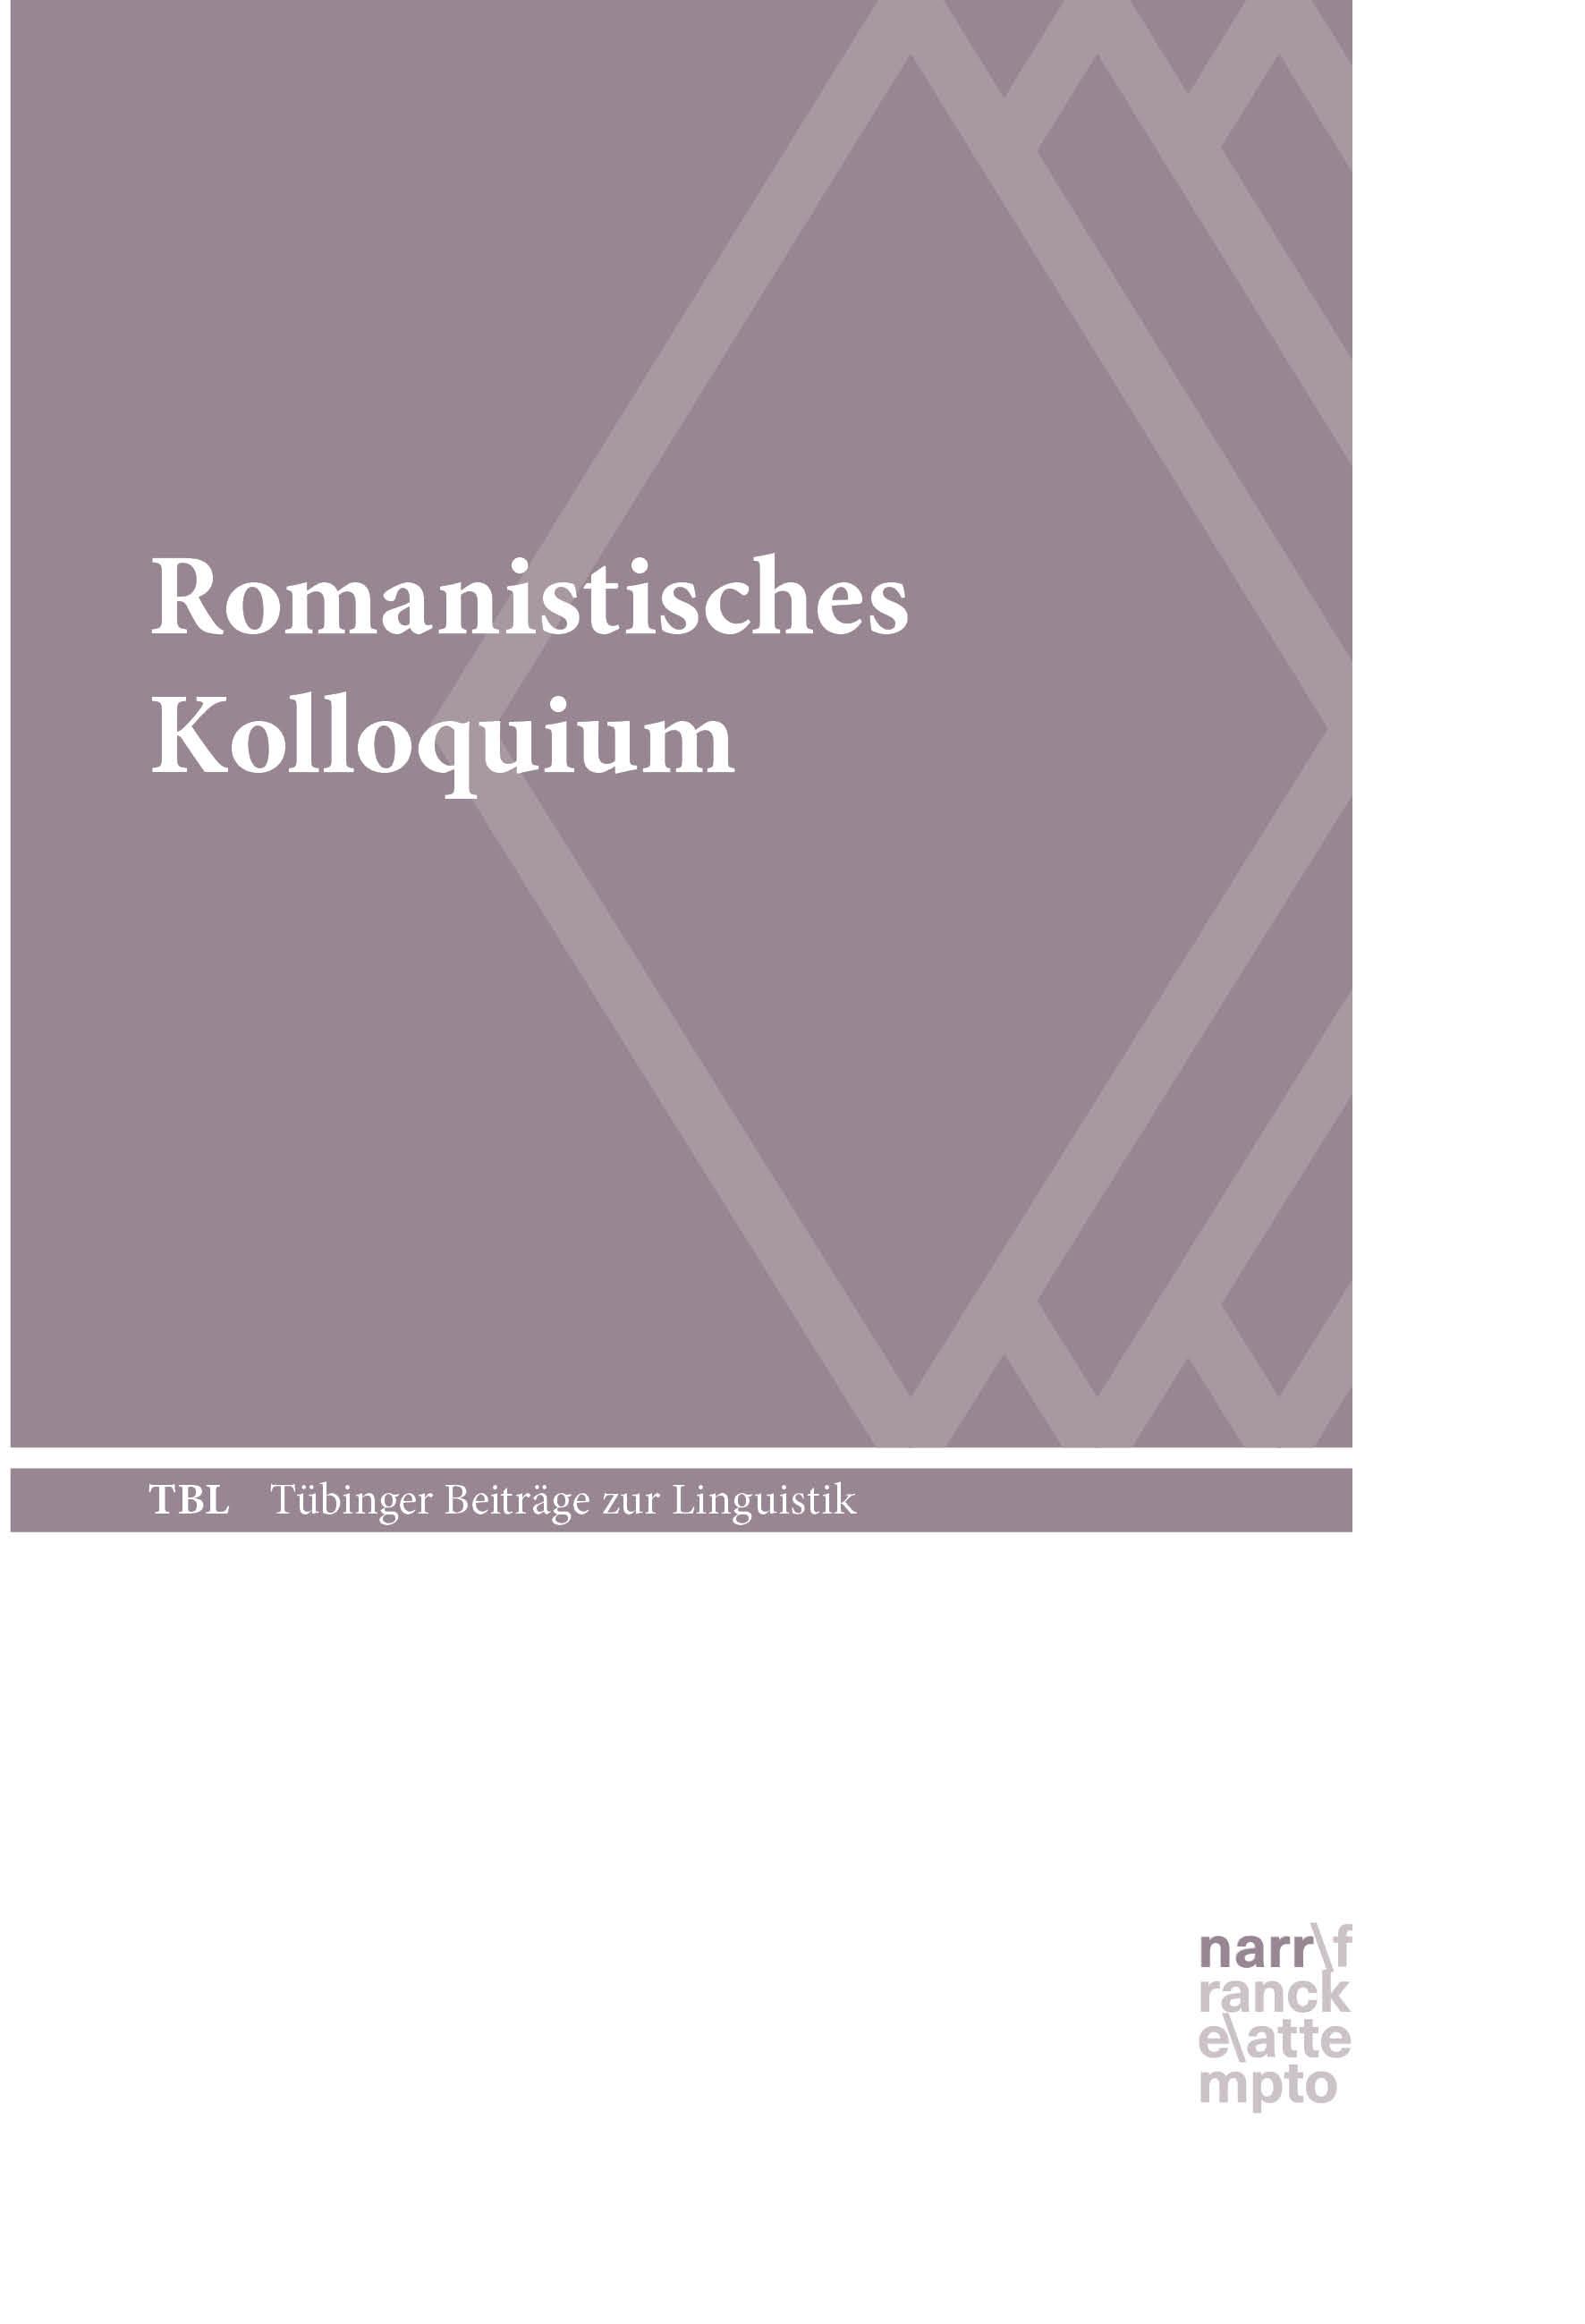 Romanistisches Kolloquium